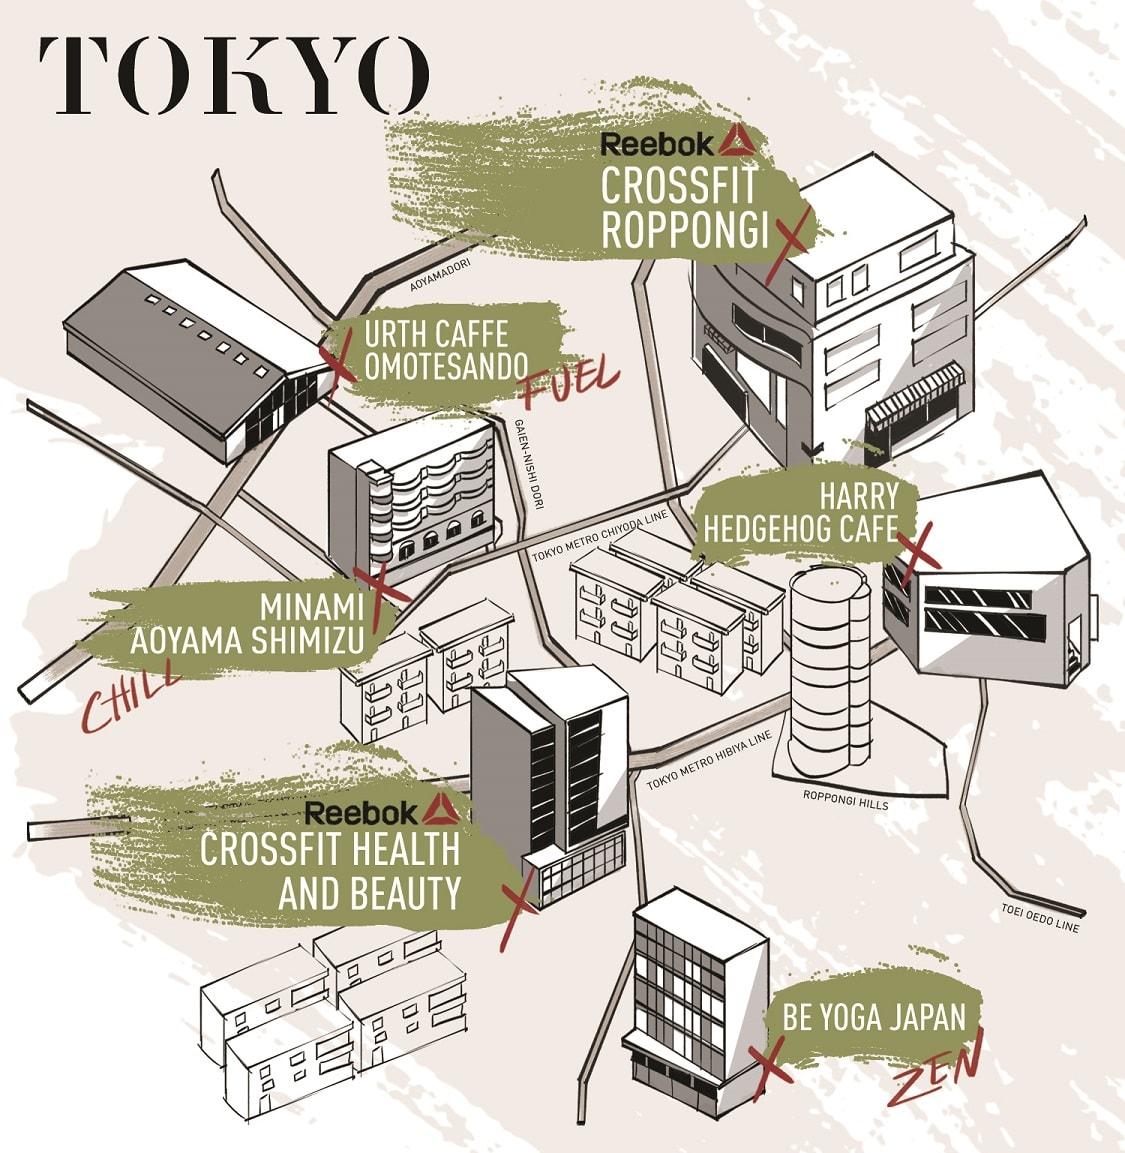 cf-travel-map-16-tokyo